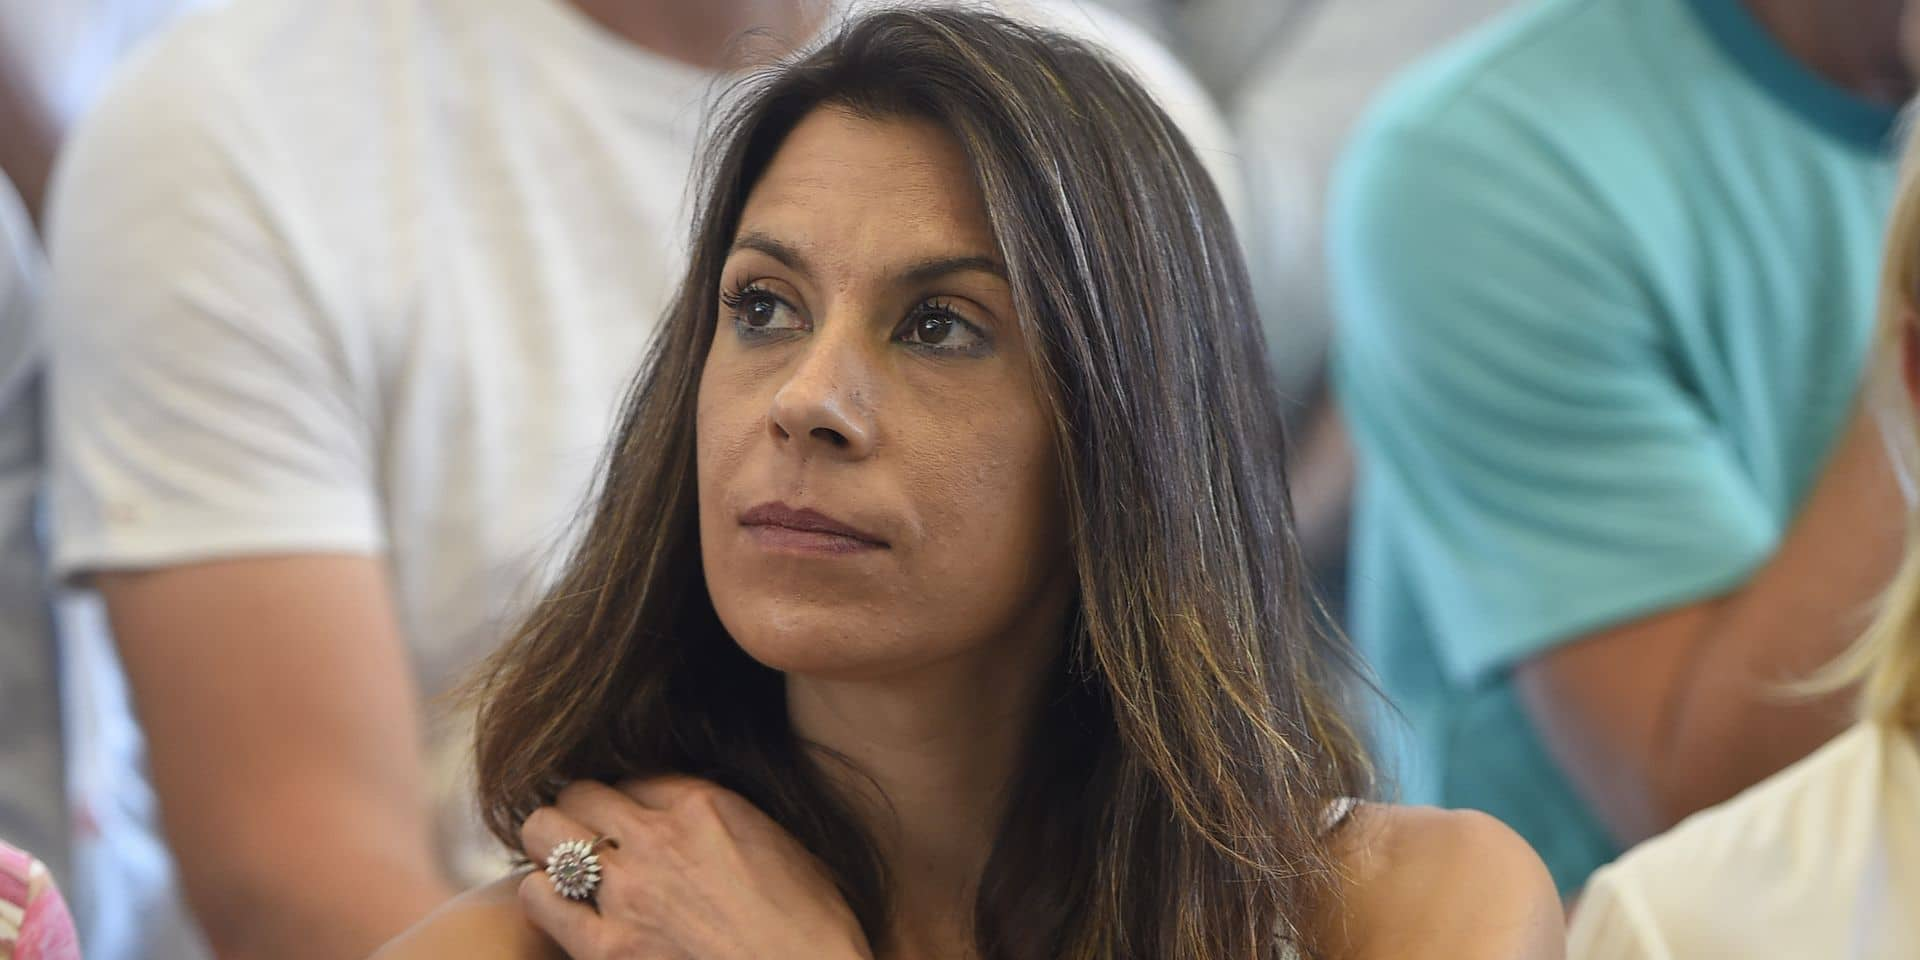 Marion Bartoli raconte comment un pervers narcissique l'a rendue anorexique et déprimée